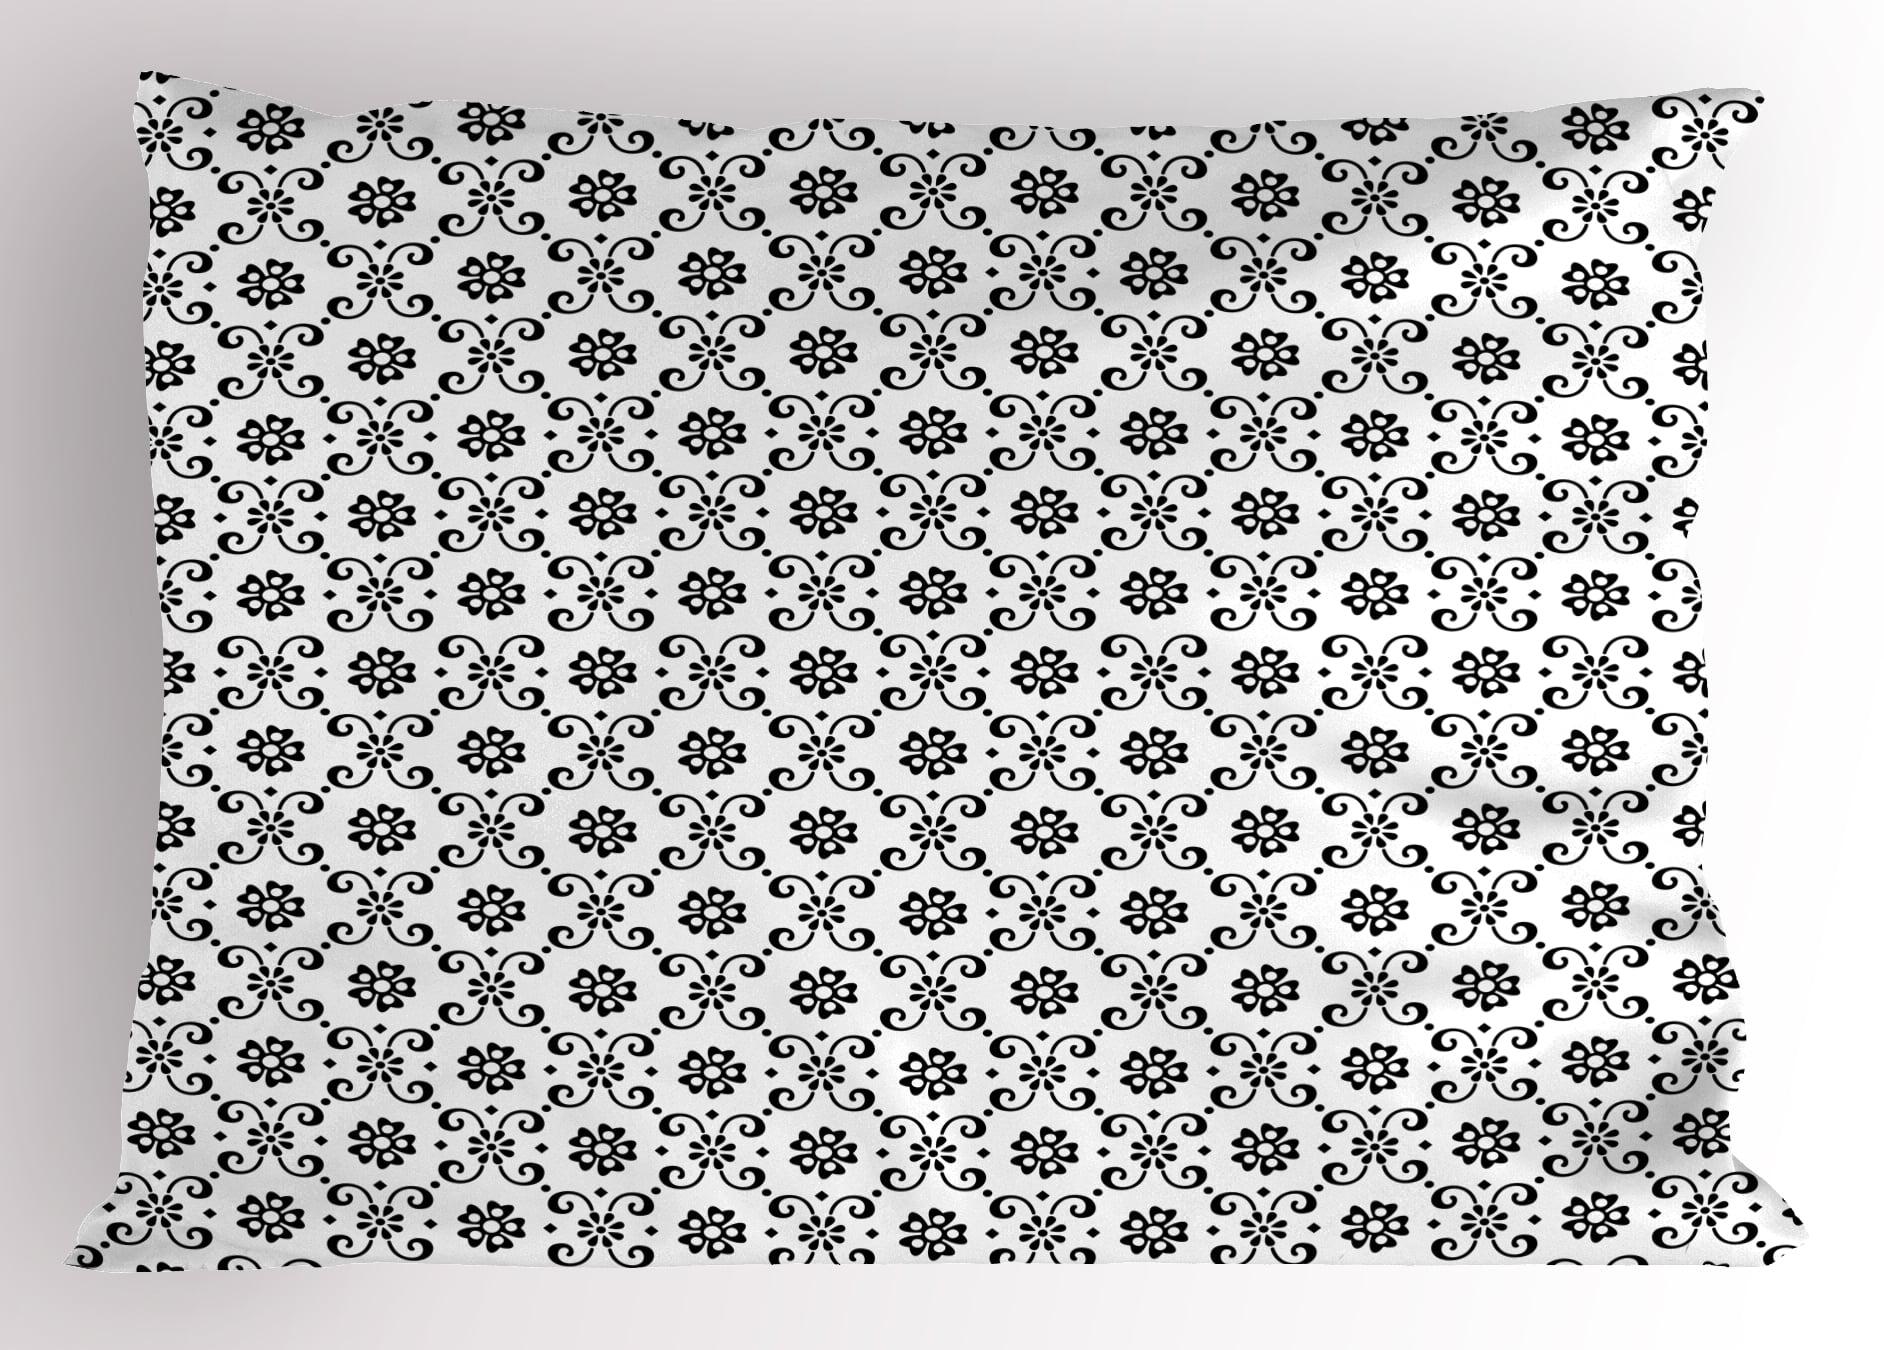 Black And White Pillow Sham Monochrome Floral Arrangement